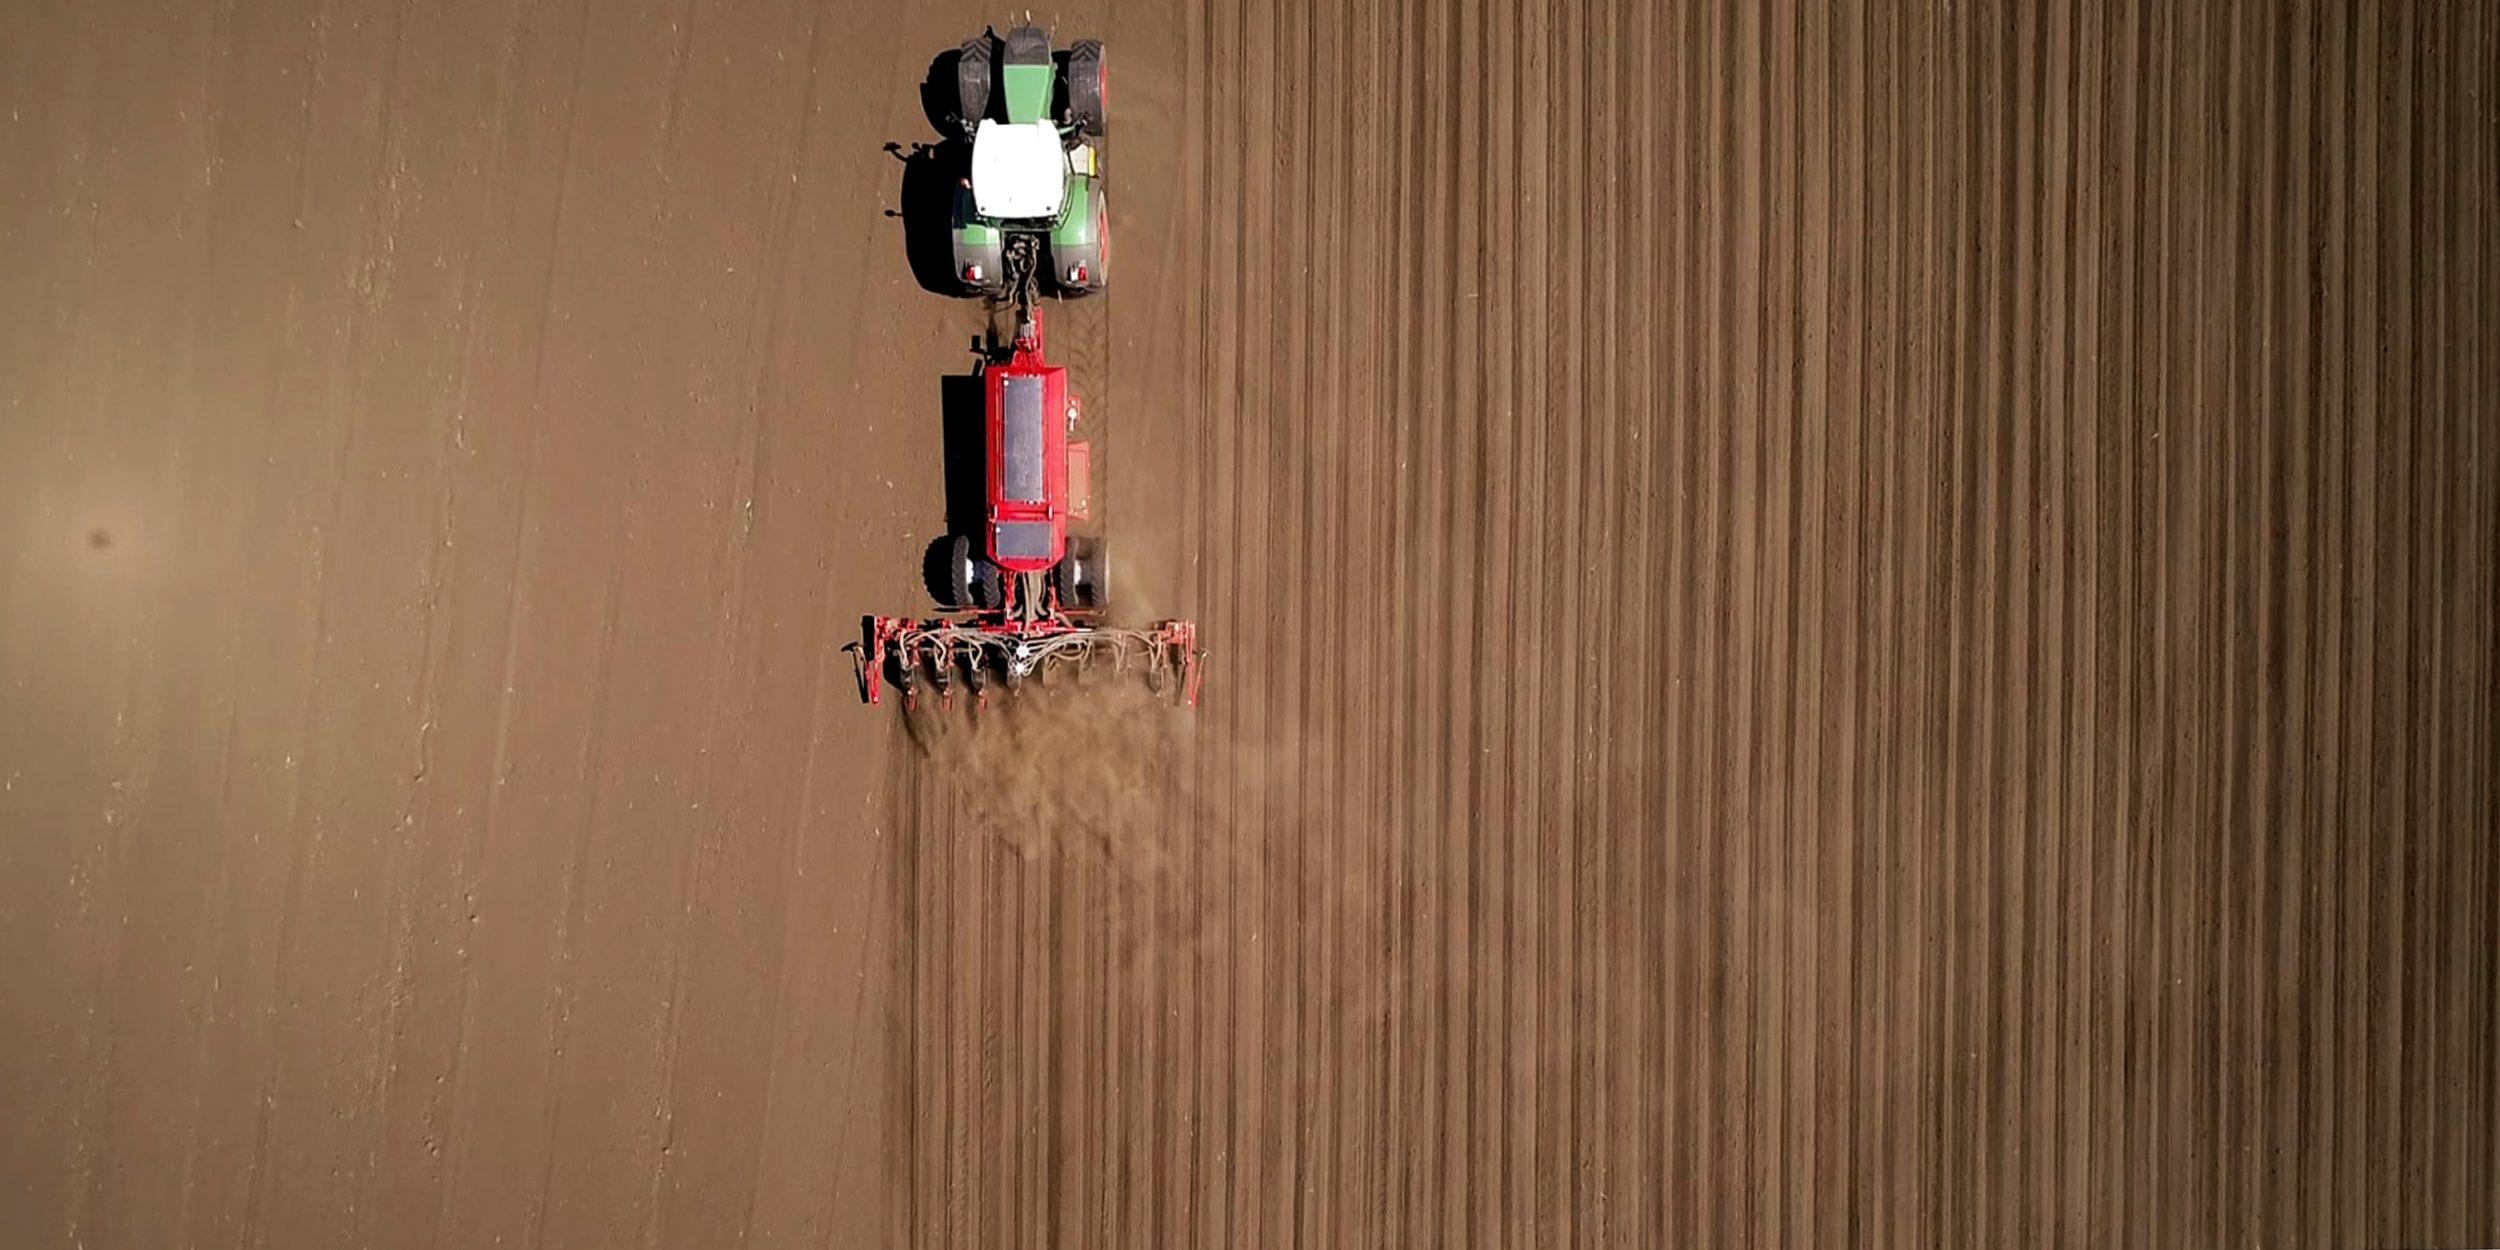 Semănătoare Horsch Maestro 8 CX si tractor fotografiate de deasupra cu drona